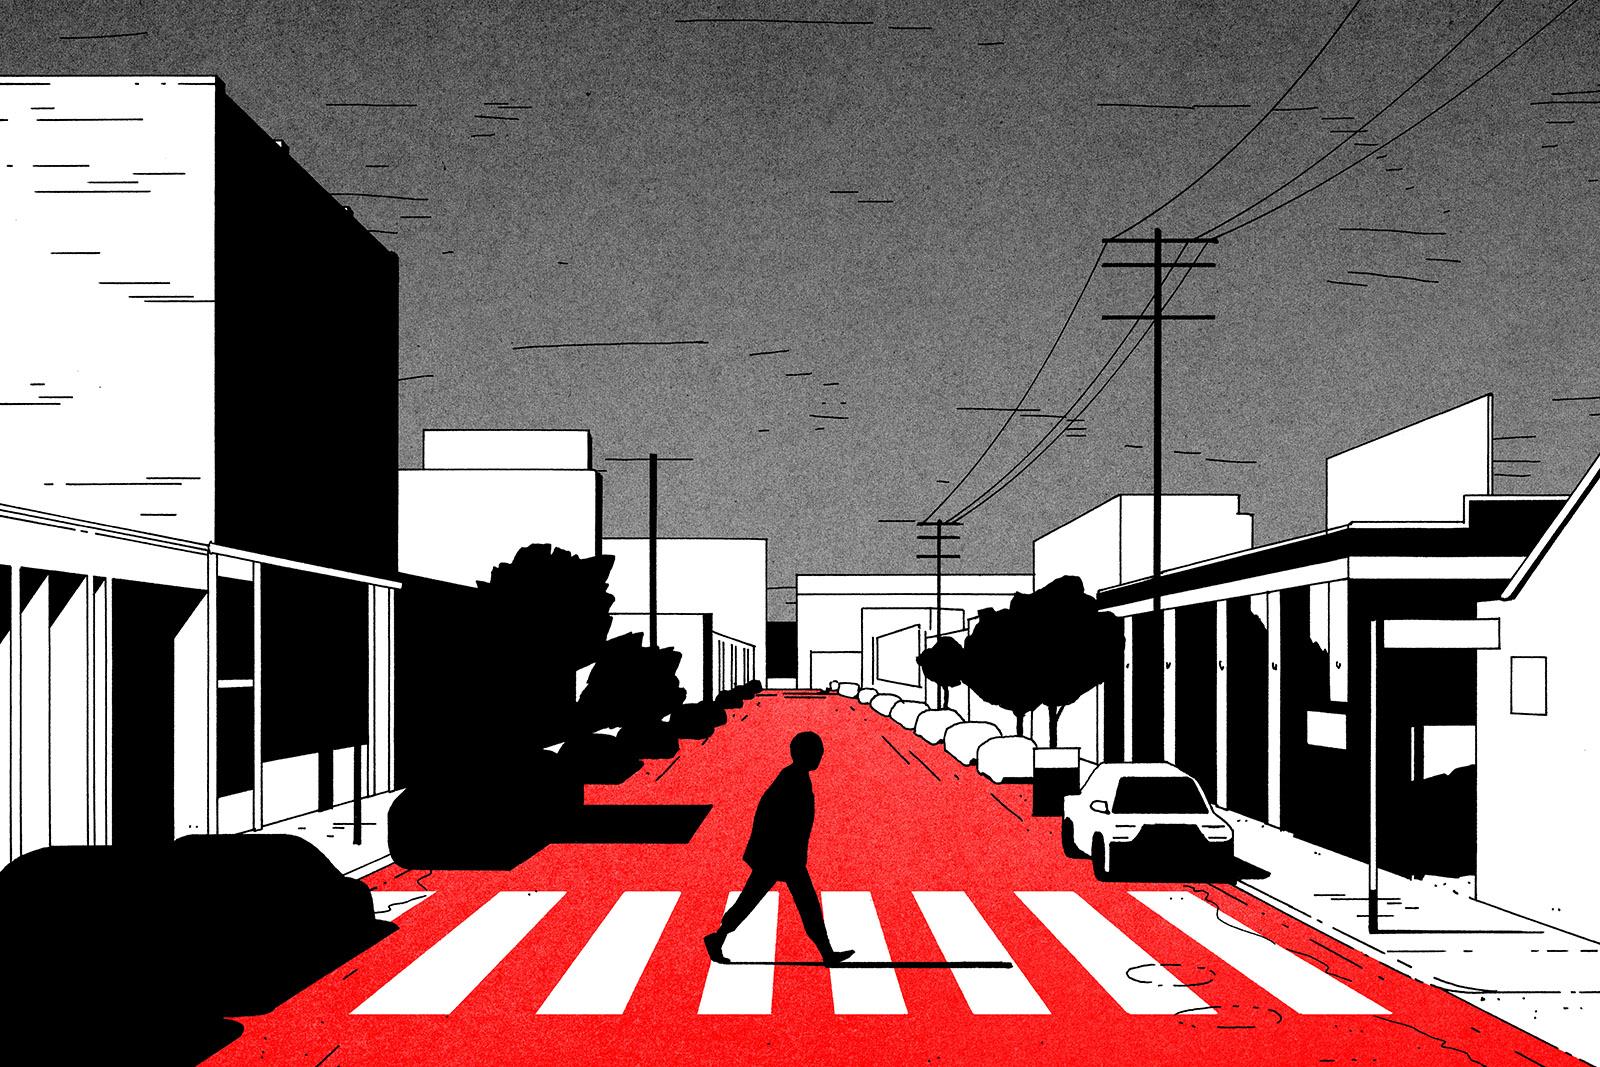 Illustration of a man walking across a crosswalk